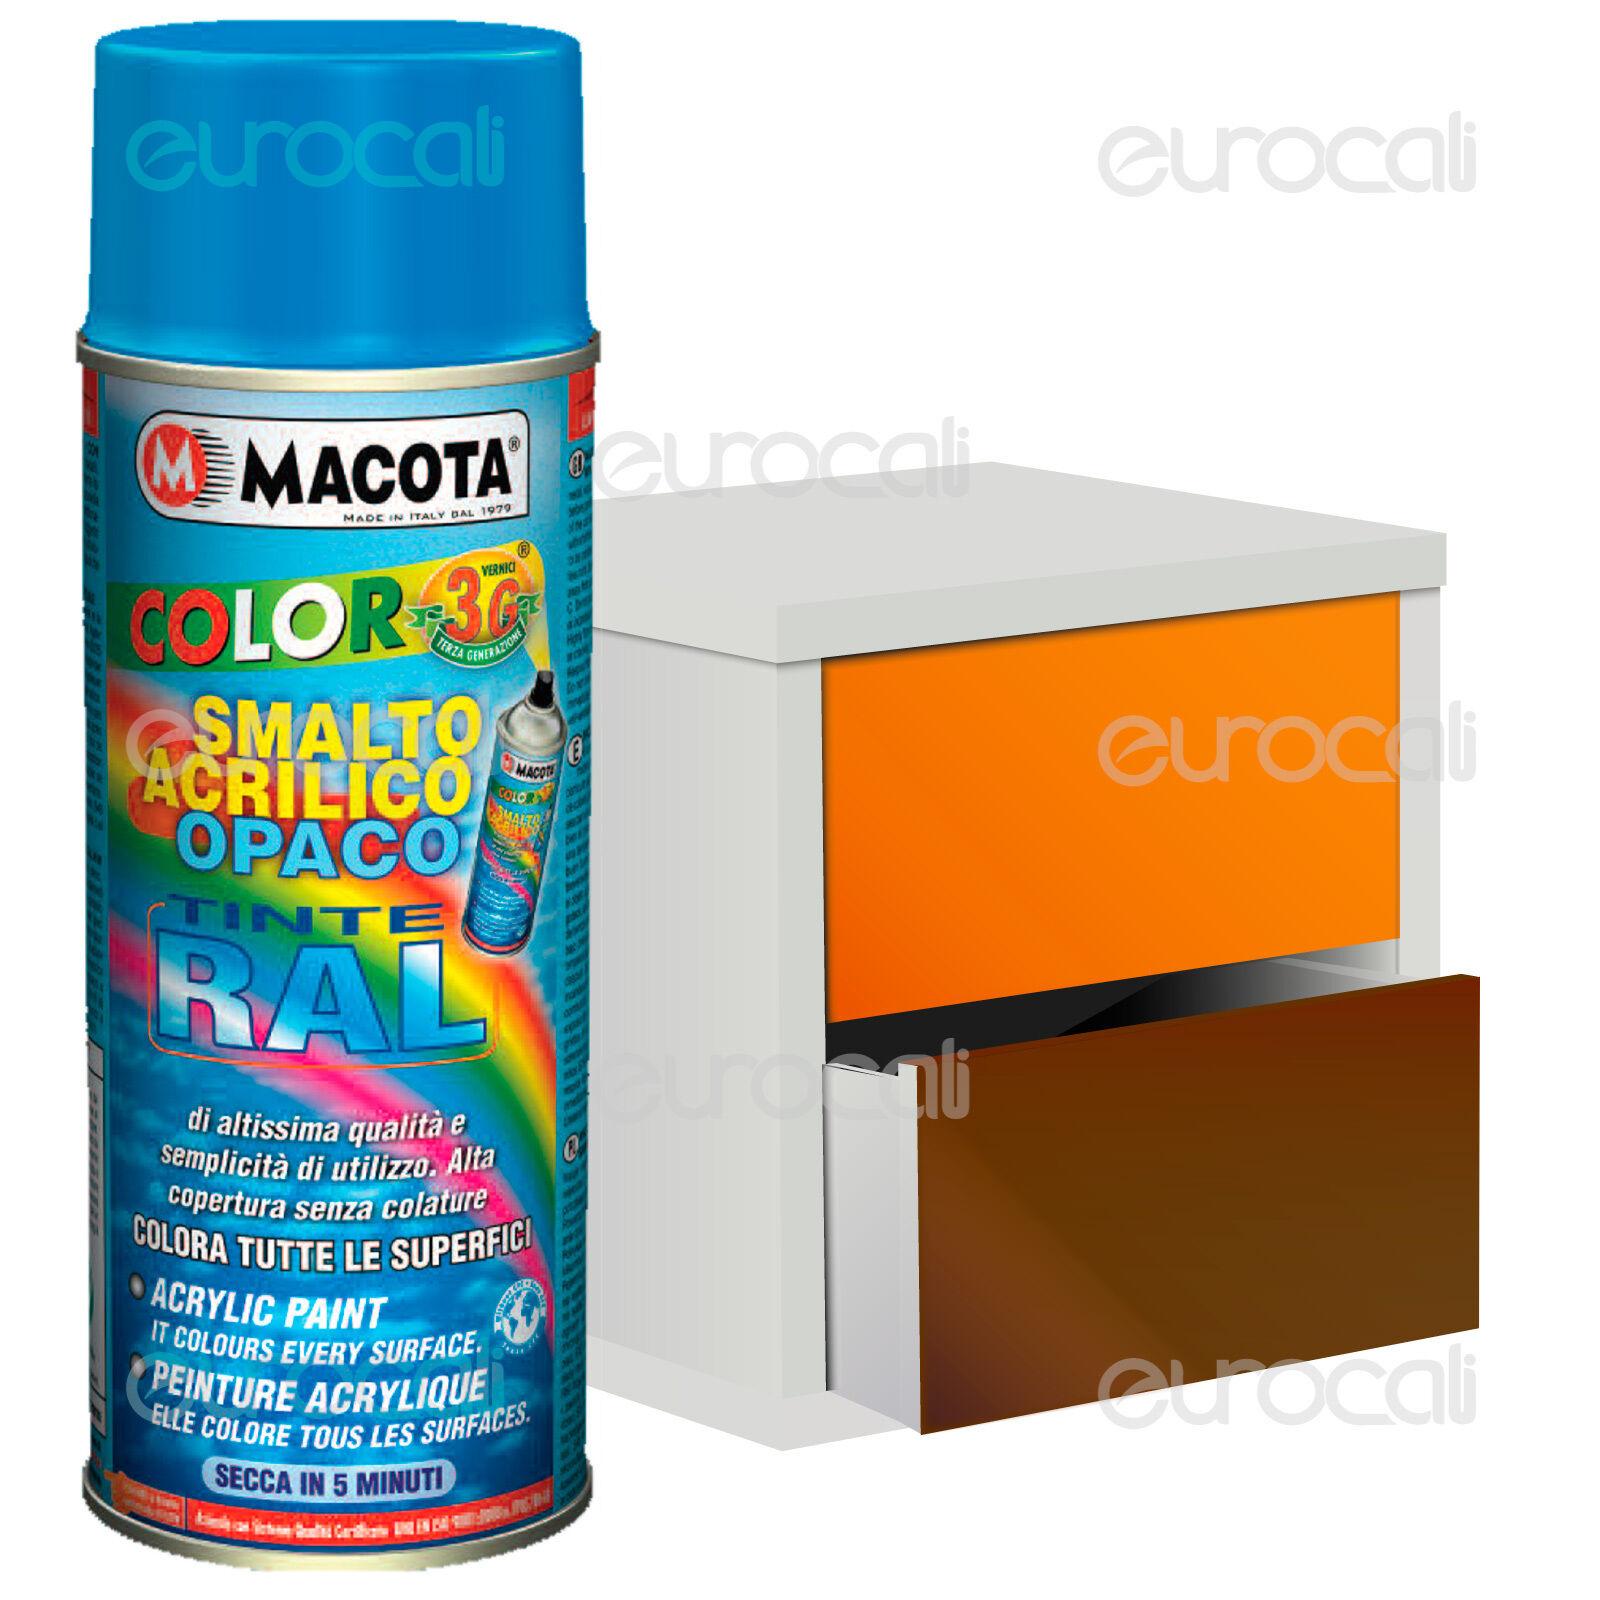 MACOTA Vernice Spray 400ml Smalto Acrilico a Scelta Colori RAL Opaco NON COLA